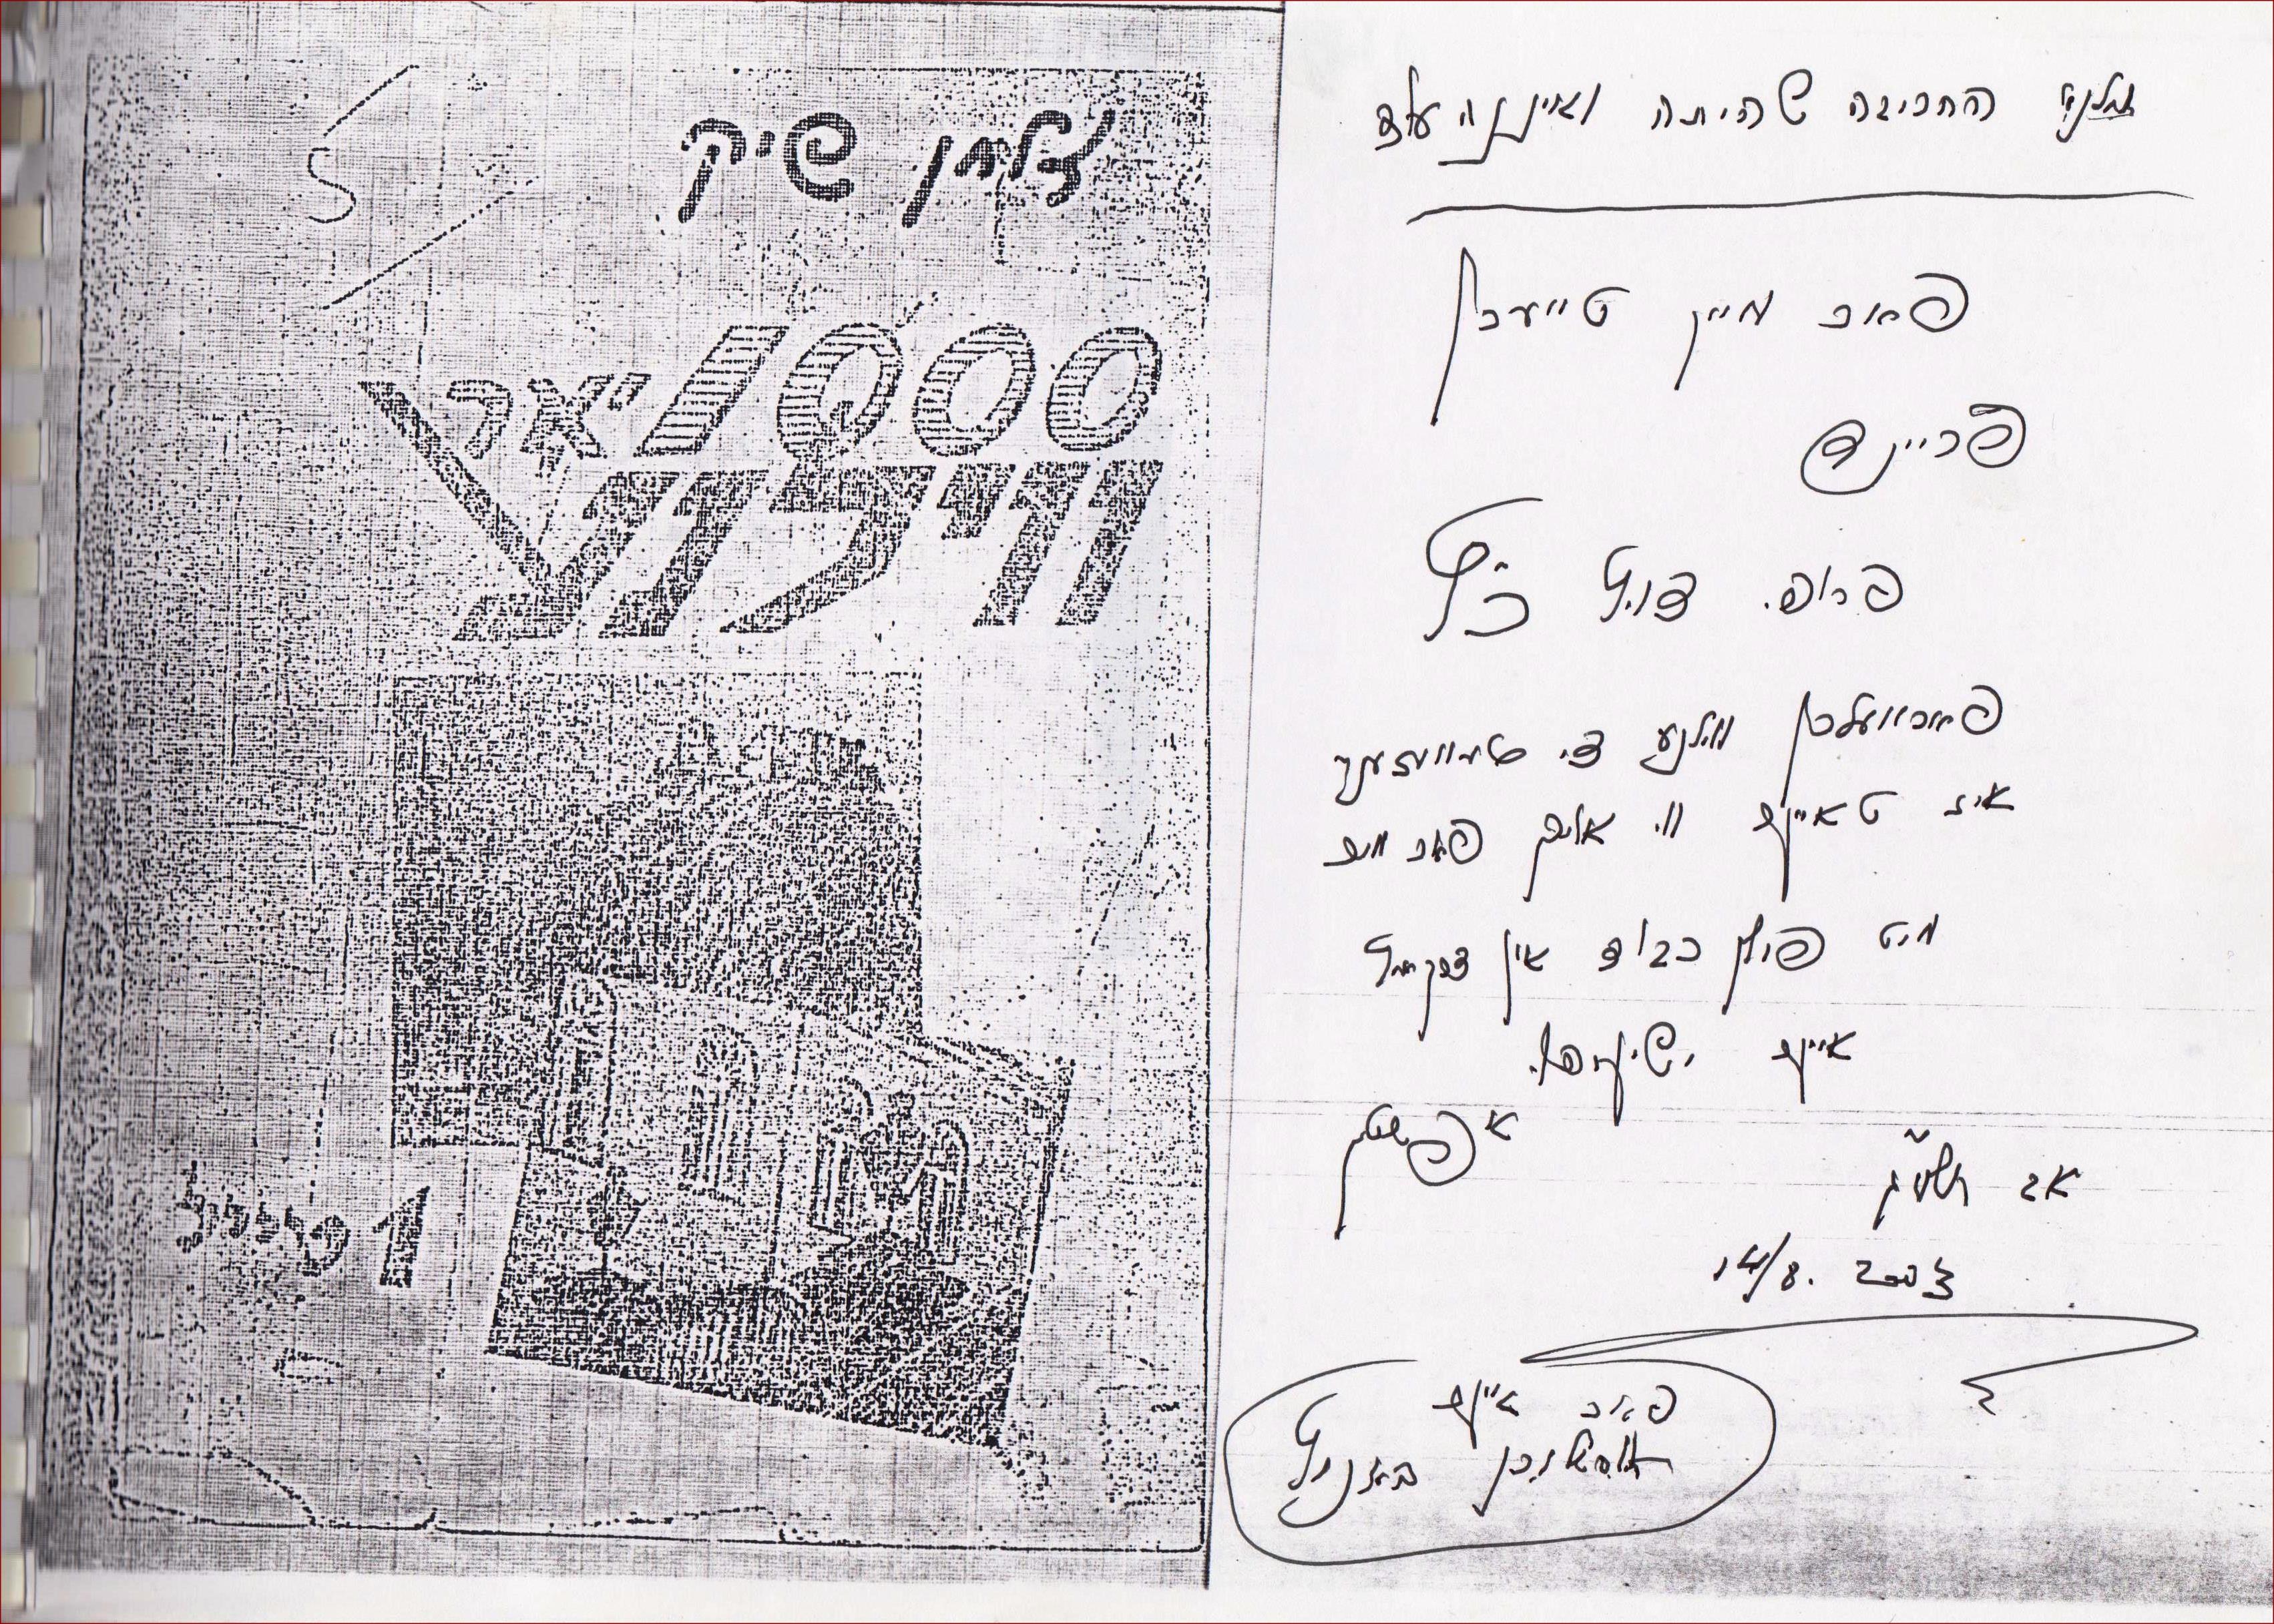 Yeshaye Epstein's dedication on Shik's book